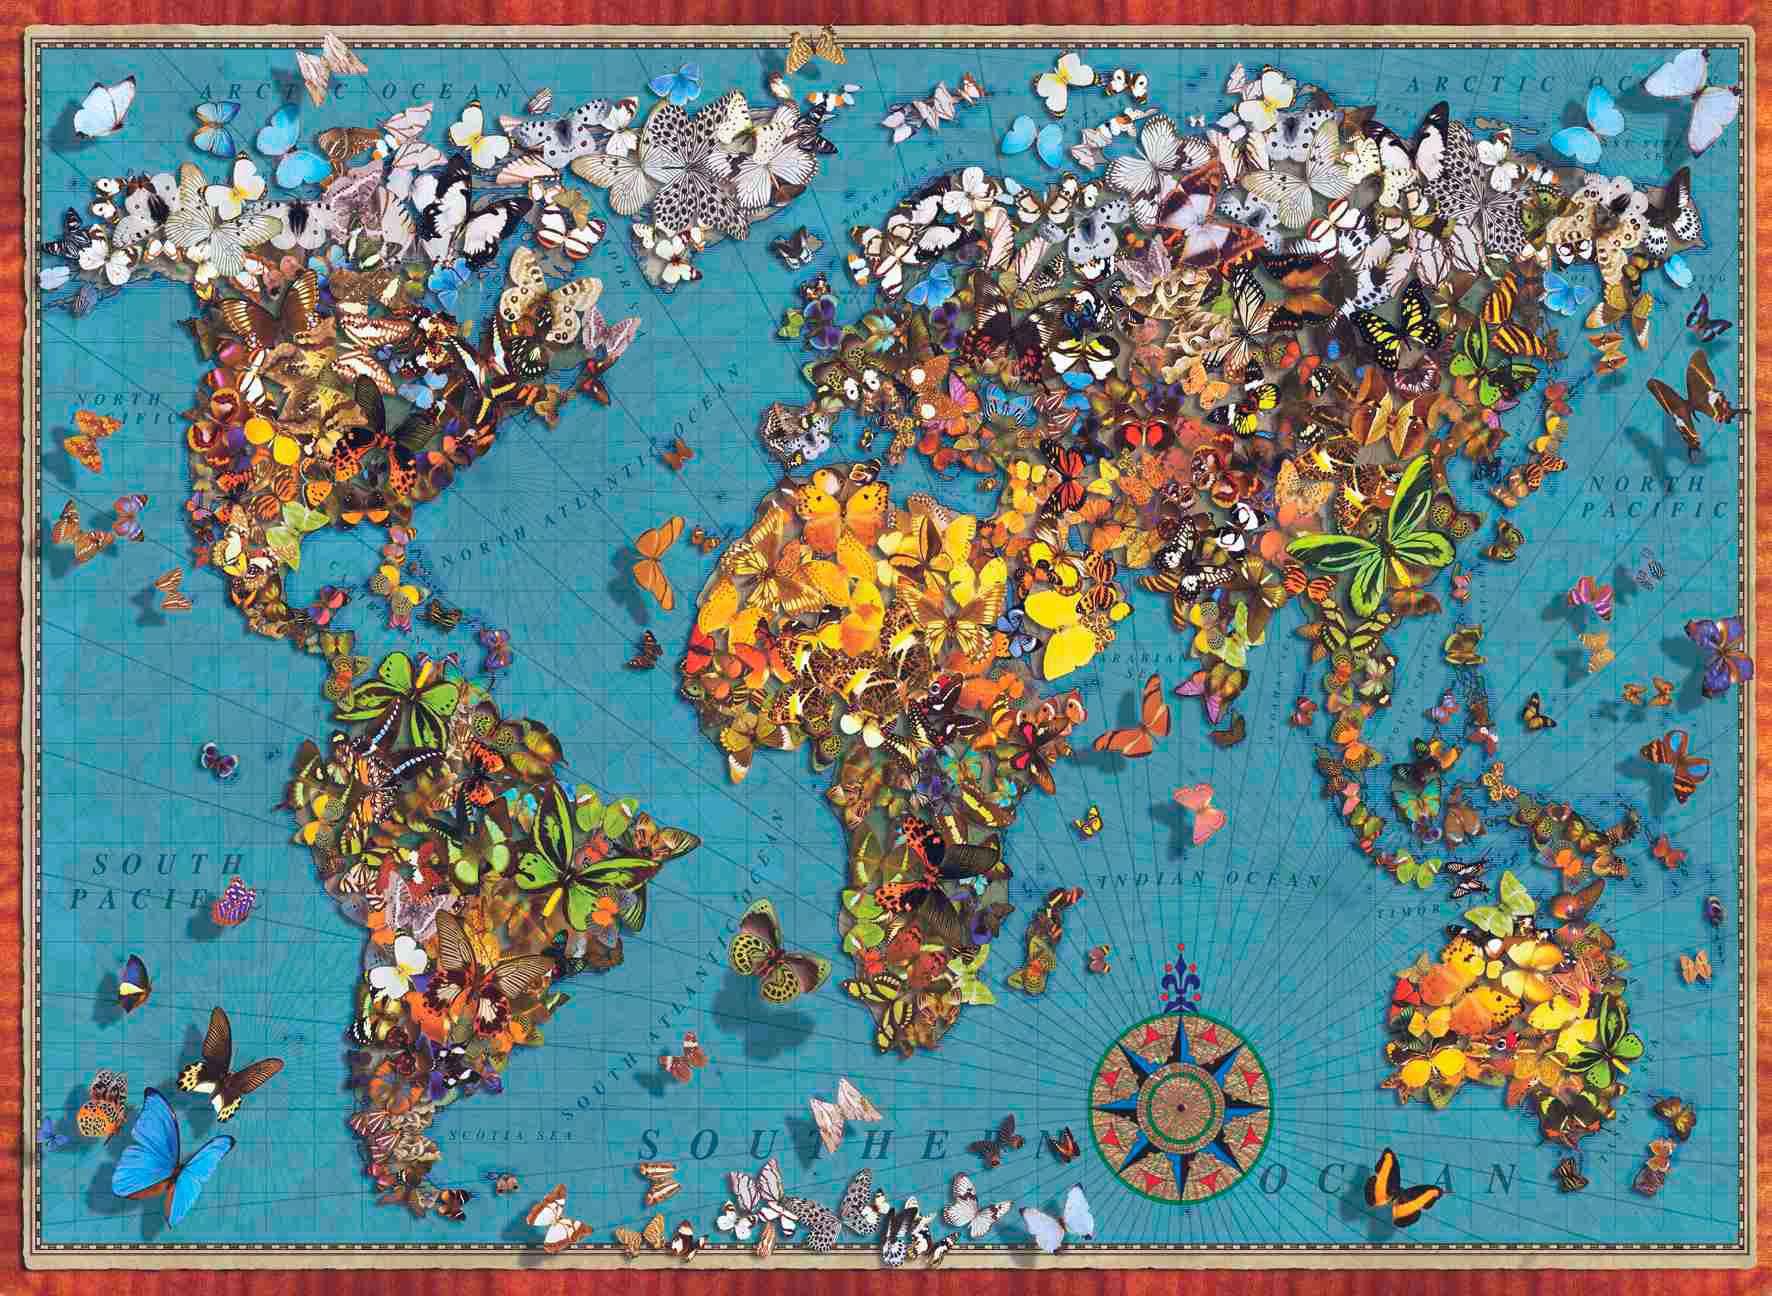 Puzzles Anatolian El Mundo de las Mariposas de 1000 Piezas